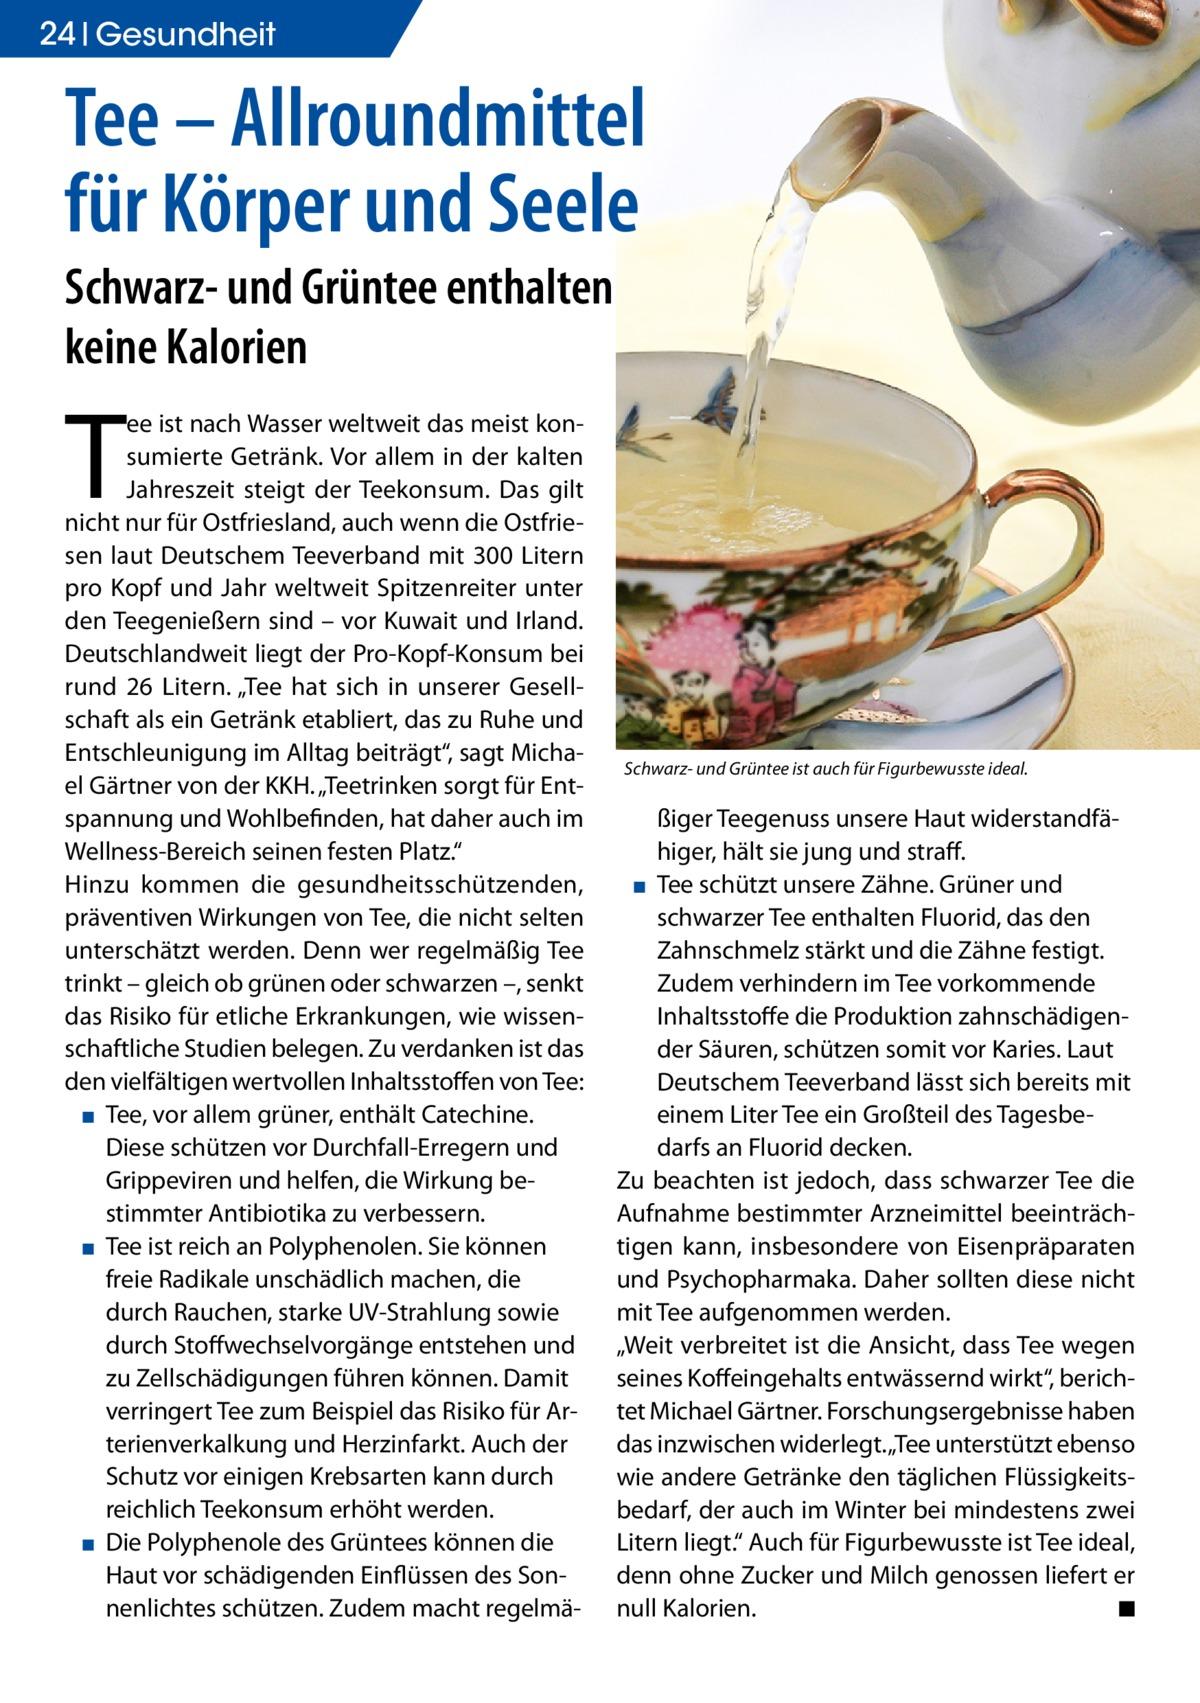 """24 Gesundheit  Tee – Allroundmittel für Körper und Seele Schwarz- und Grüntee enthalten keine Kalorien  T  ee ist nach Wasser weltweit das meist konsumierte Getränk. Vor allem in der kalten Jahreszeit steigt der Teekonsum. Das gilt nicht nur für Ostfriesland, auch wenn die Ostfriesen laut Deutschem Teeverband mit 300 Litern pro Kopf und Jahr weltweit Spitzenreiter unter den Teegenießern sind – vor Kuwait und Irland. Deutschlandweit liegt der Pro-Kopf-Konsum bei rund 26 Litern. """"Tee hat sich in unserer Gesellschaft als ein Getränk etabliert, das zu Ruhe und Entschleunigung im Alltag beiträgt"""", sagt Michael Gärtner von der KKH. """"Teetrinken sorgt für Entspannung und Wohlbefinden, hat daher auch im Wellness-Bereich seinen festen Platz."""" Hinzu kommen die gesundheitsschützenden, präventiven Wirkungen von Tee, die nicht selten unterschätzt werden. Denn wer regelmäßig Tee trinkt – gleich ob grünen oder schwarzen –, senkt das Risiko für etliche Erkrankungen, wie wissenschaftliche Studien belegen. Zu verdanken ist das den vielfältigen wertvollen Inhaltsstoffen von Tee: ▪ Tee, vor allem grüner, enthält Catechine. Diese schützen vor Durchfall-Erregern und Grippeviren und helfen, die Wirkung bestimmter Antibiotika zu verbessern. ▪ Tee ist reich an Polyphenolen. Sie können freie Radikale unschädlich machen, die durch Rauchen, starke UV-Strahlung sowie durch Stoffwechselvorgänge entstehen und zu Zellschädigungen führen können. Damit verringert Tee zum Beispiel das Risiko für Arterienverkalkung und Herzinfarkt. Auch der Schutz vor einigen Krebsarten kann durch reichlich Teekonsum erhöht werden. ▪ Die Polyphenole des Grüntees können die Haut vor schädigenden Einflüssen des Sonnenlichtes schützen. Zudem macht regelmä Schwarz- und Grüntee ist auch für Figurbewusste ideal.  ßiger Teegenuss unsere Haut widerstandfähiger, hält sie jung und straff. ▪ Tee schützt unsere Zähne. Grüner und schwarzer Tee enthalten Fluorid, das den Zahnschmelz stärkt und die Zähne festigt. Zudem verhindern im """